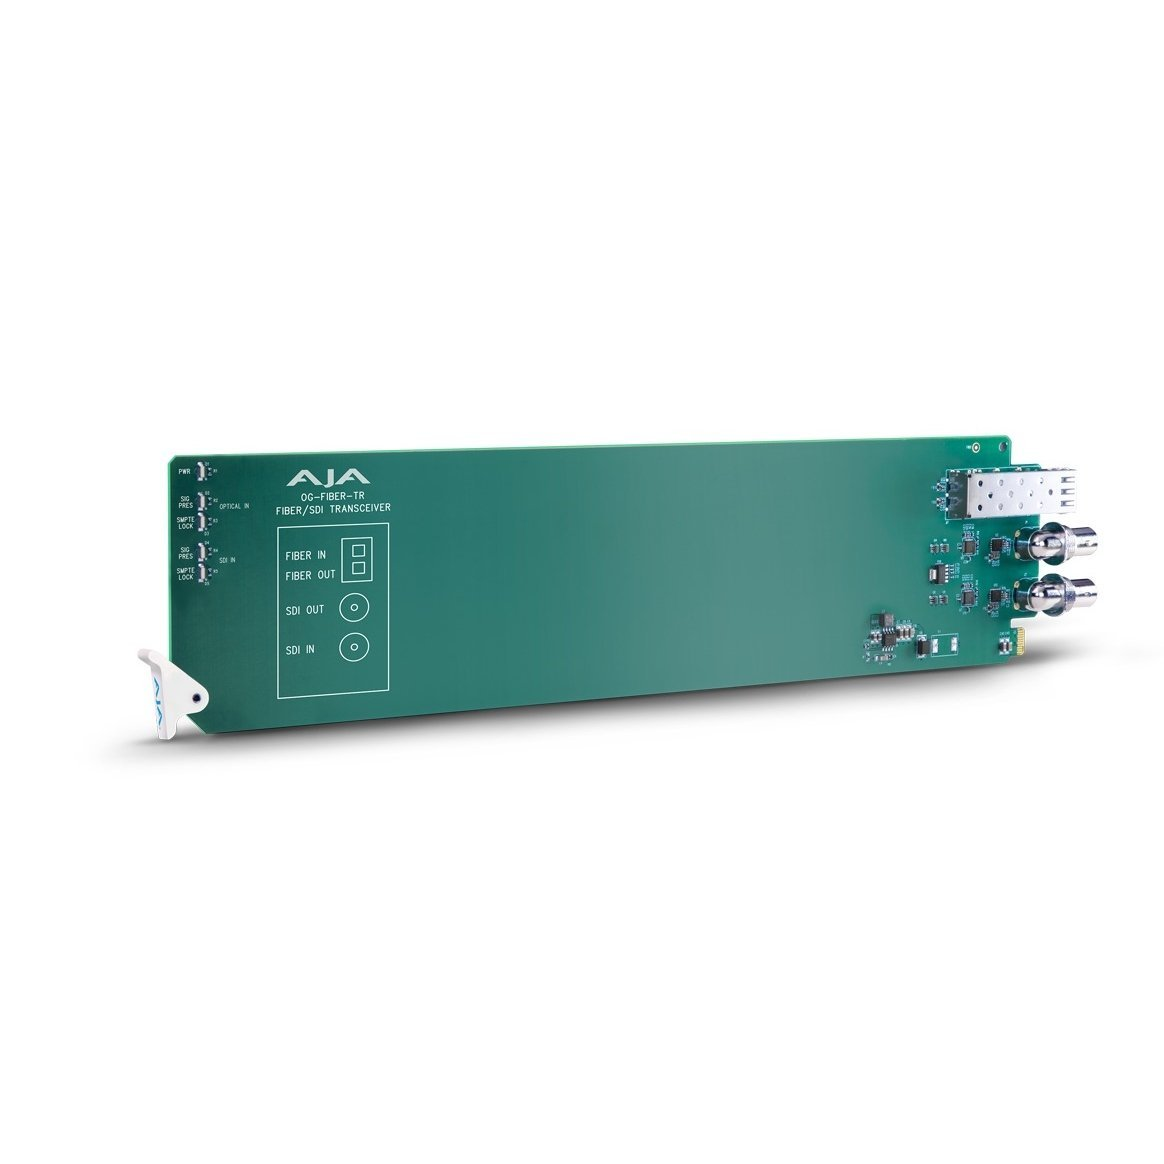 AJA openGear 1-channel SDI/Fiber to Fiber/SDI Converter (OG-FIBER-TR)